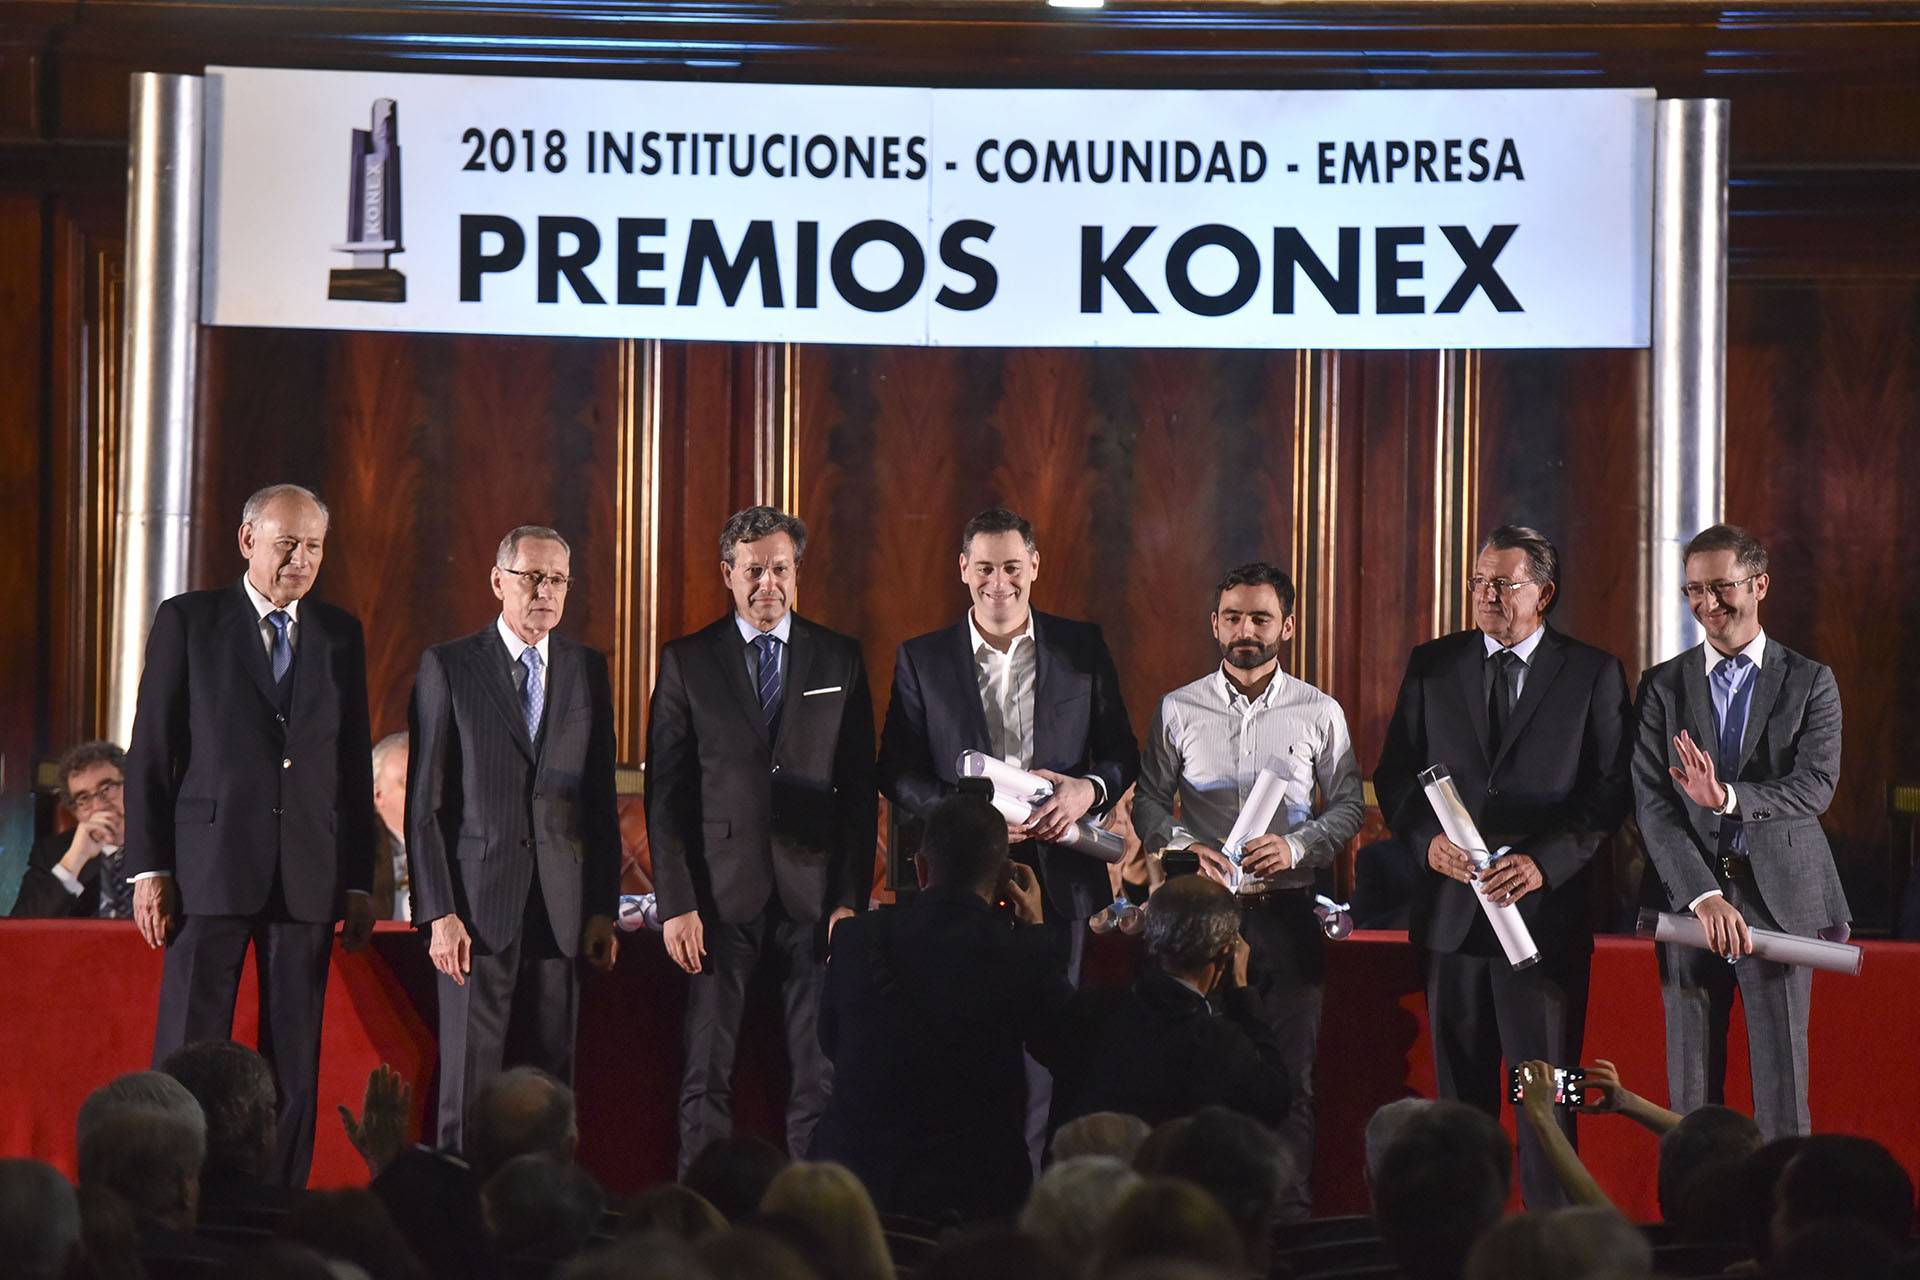 Empresarios Innovadores: Santiago Bilinkis, Máximo Cavazzani, Emiliano Kargieman, Eduardo Meichtry y Federico Trucco